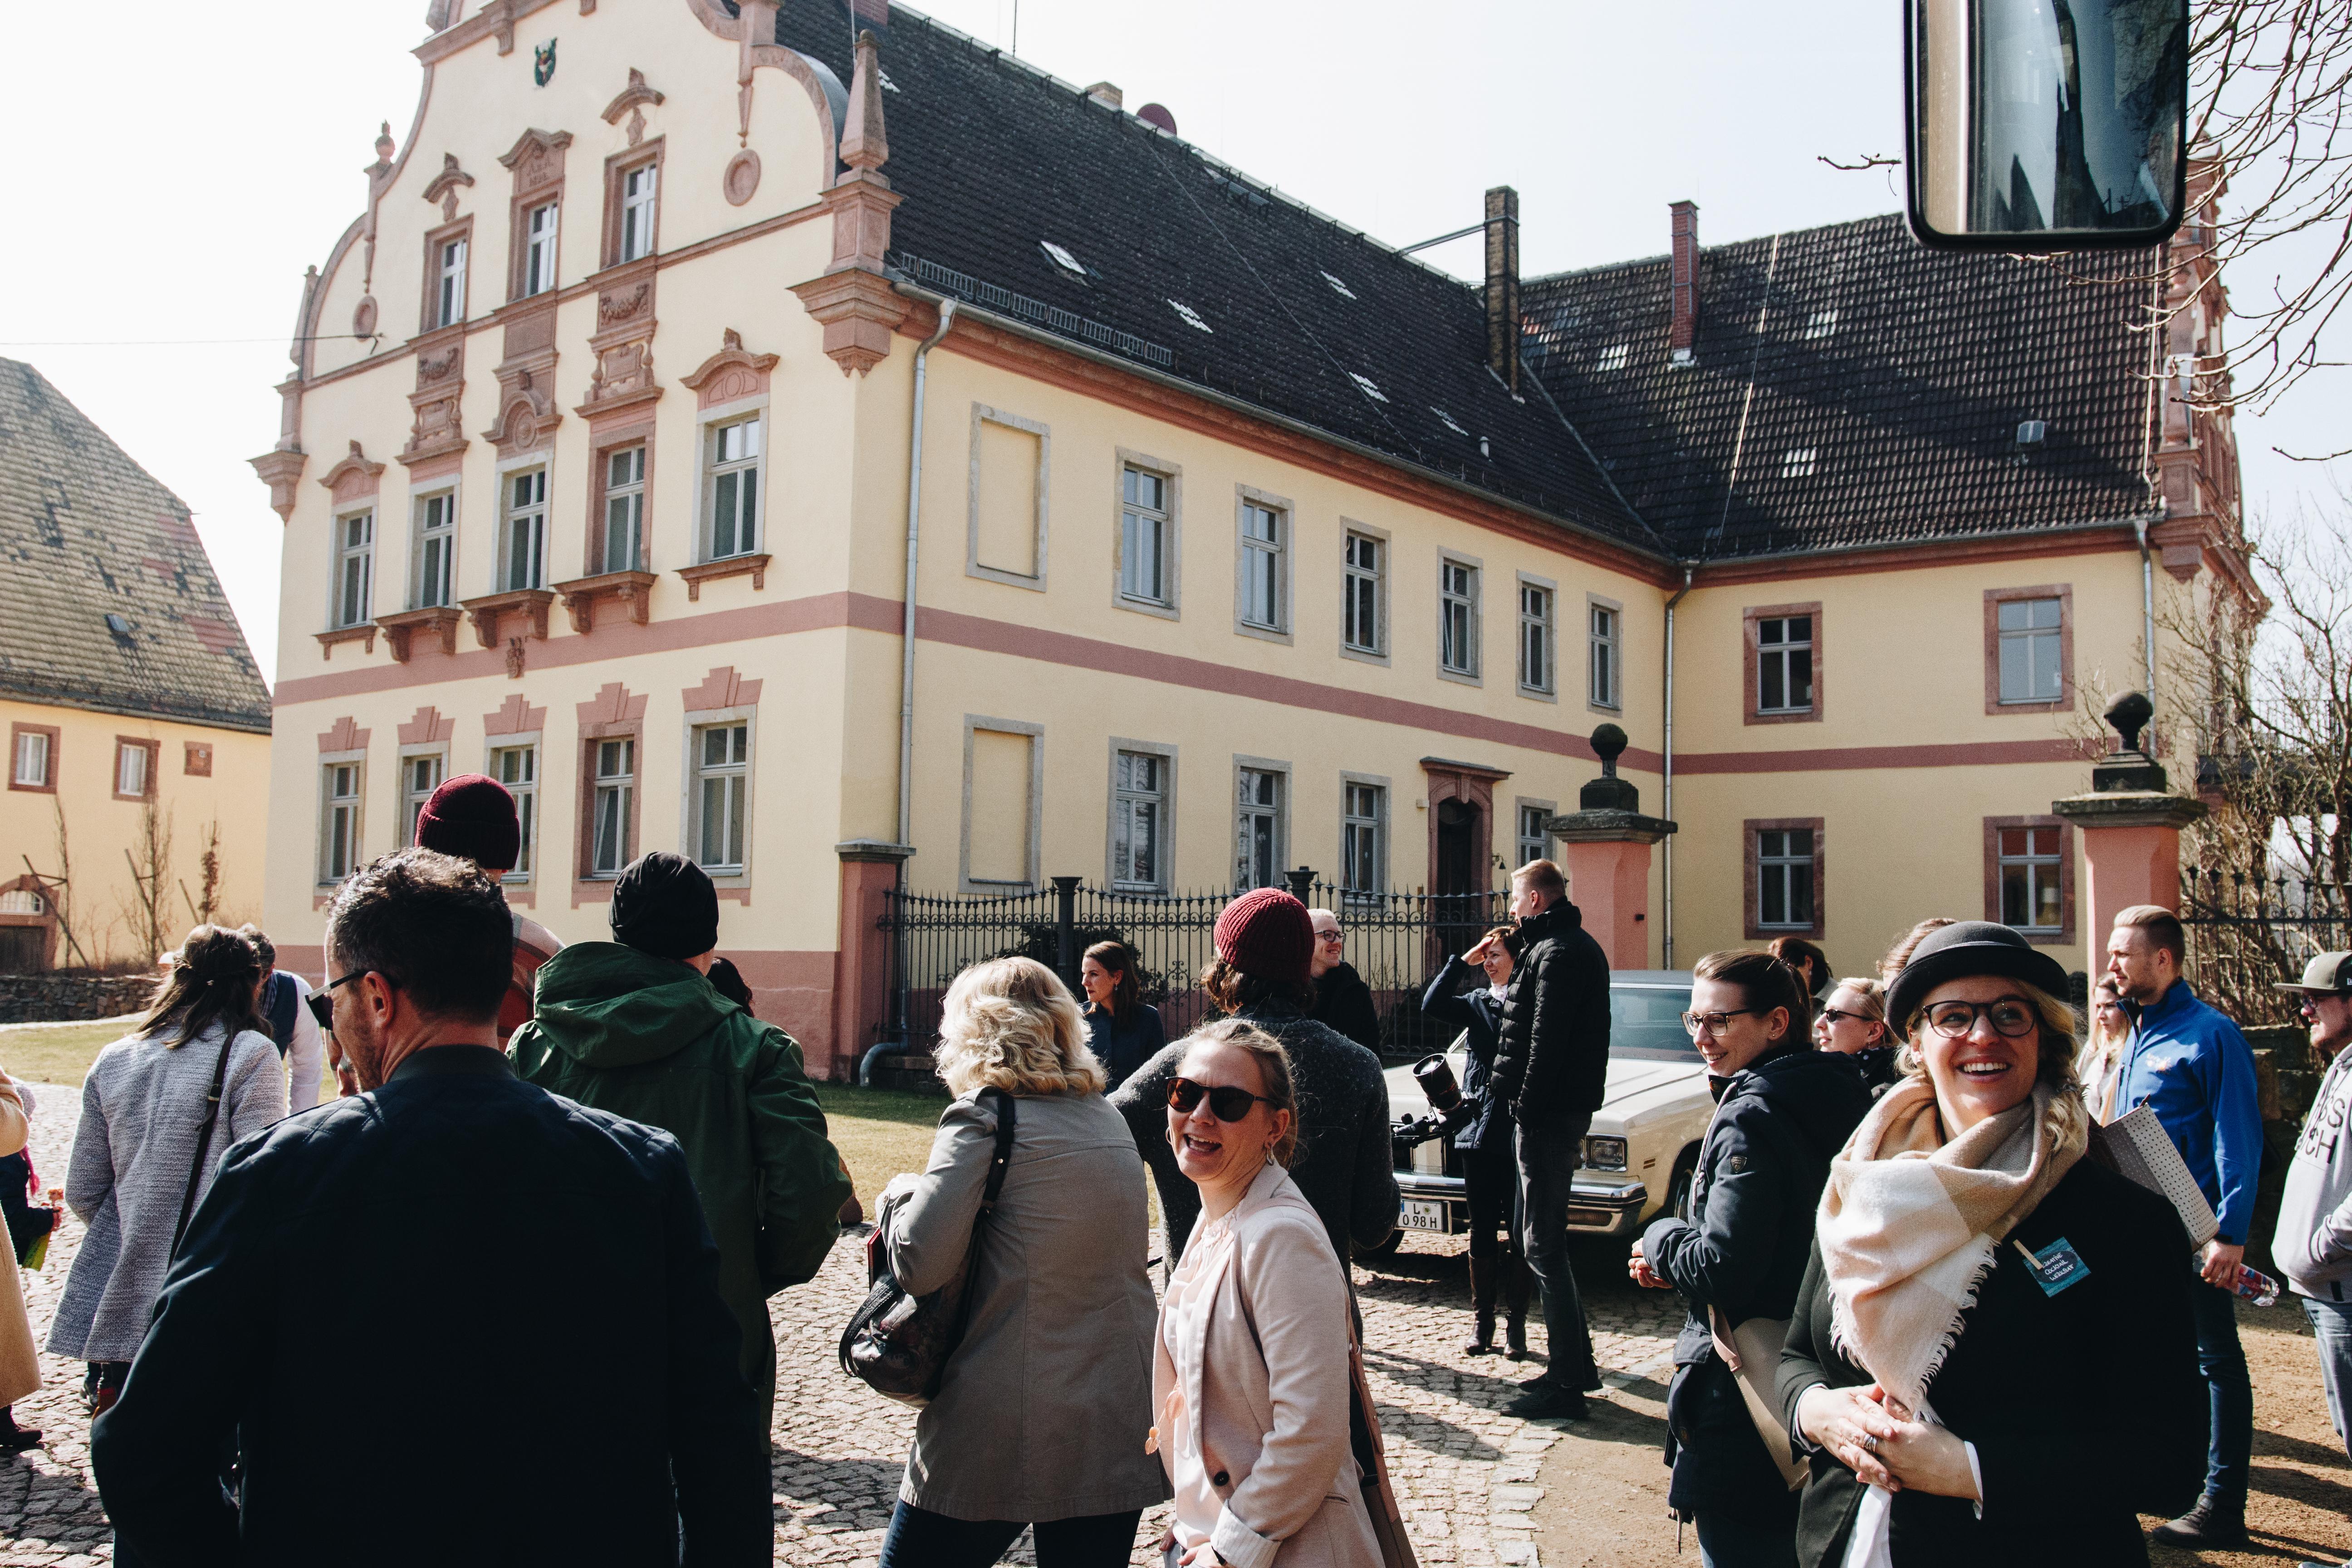 vintage wedding tour_agentur traumhochzeit_leipzig_annabelle sagt22